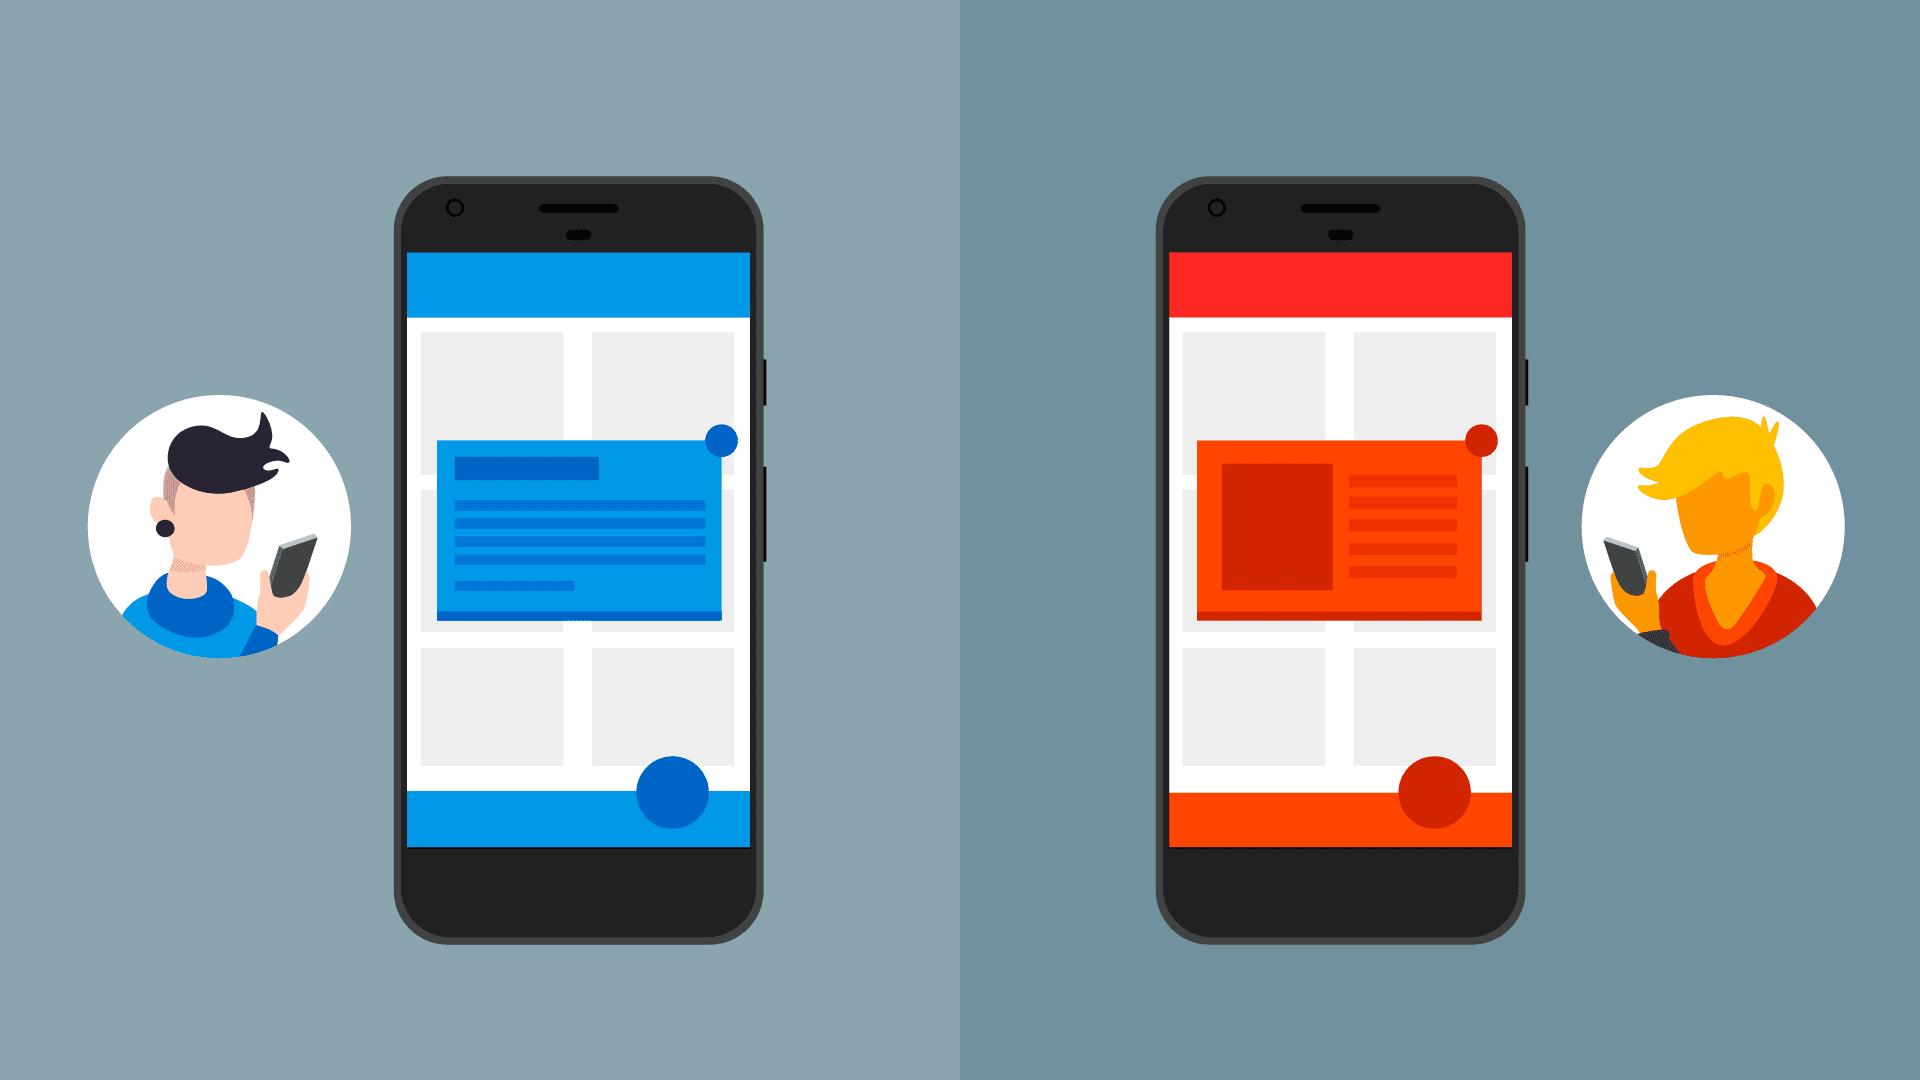 다른 스타일의 2가지 인앱 메시지